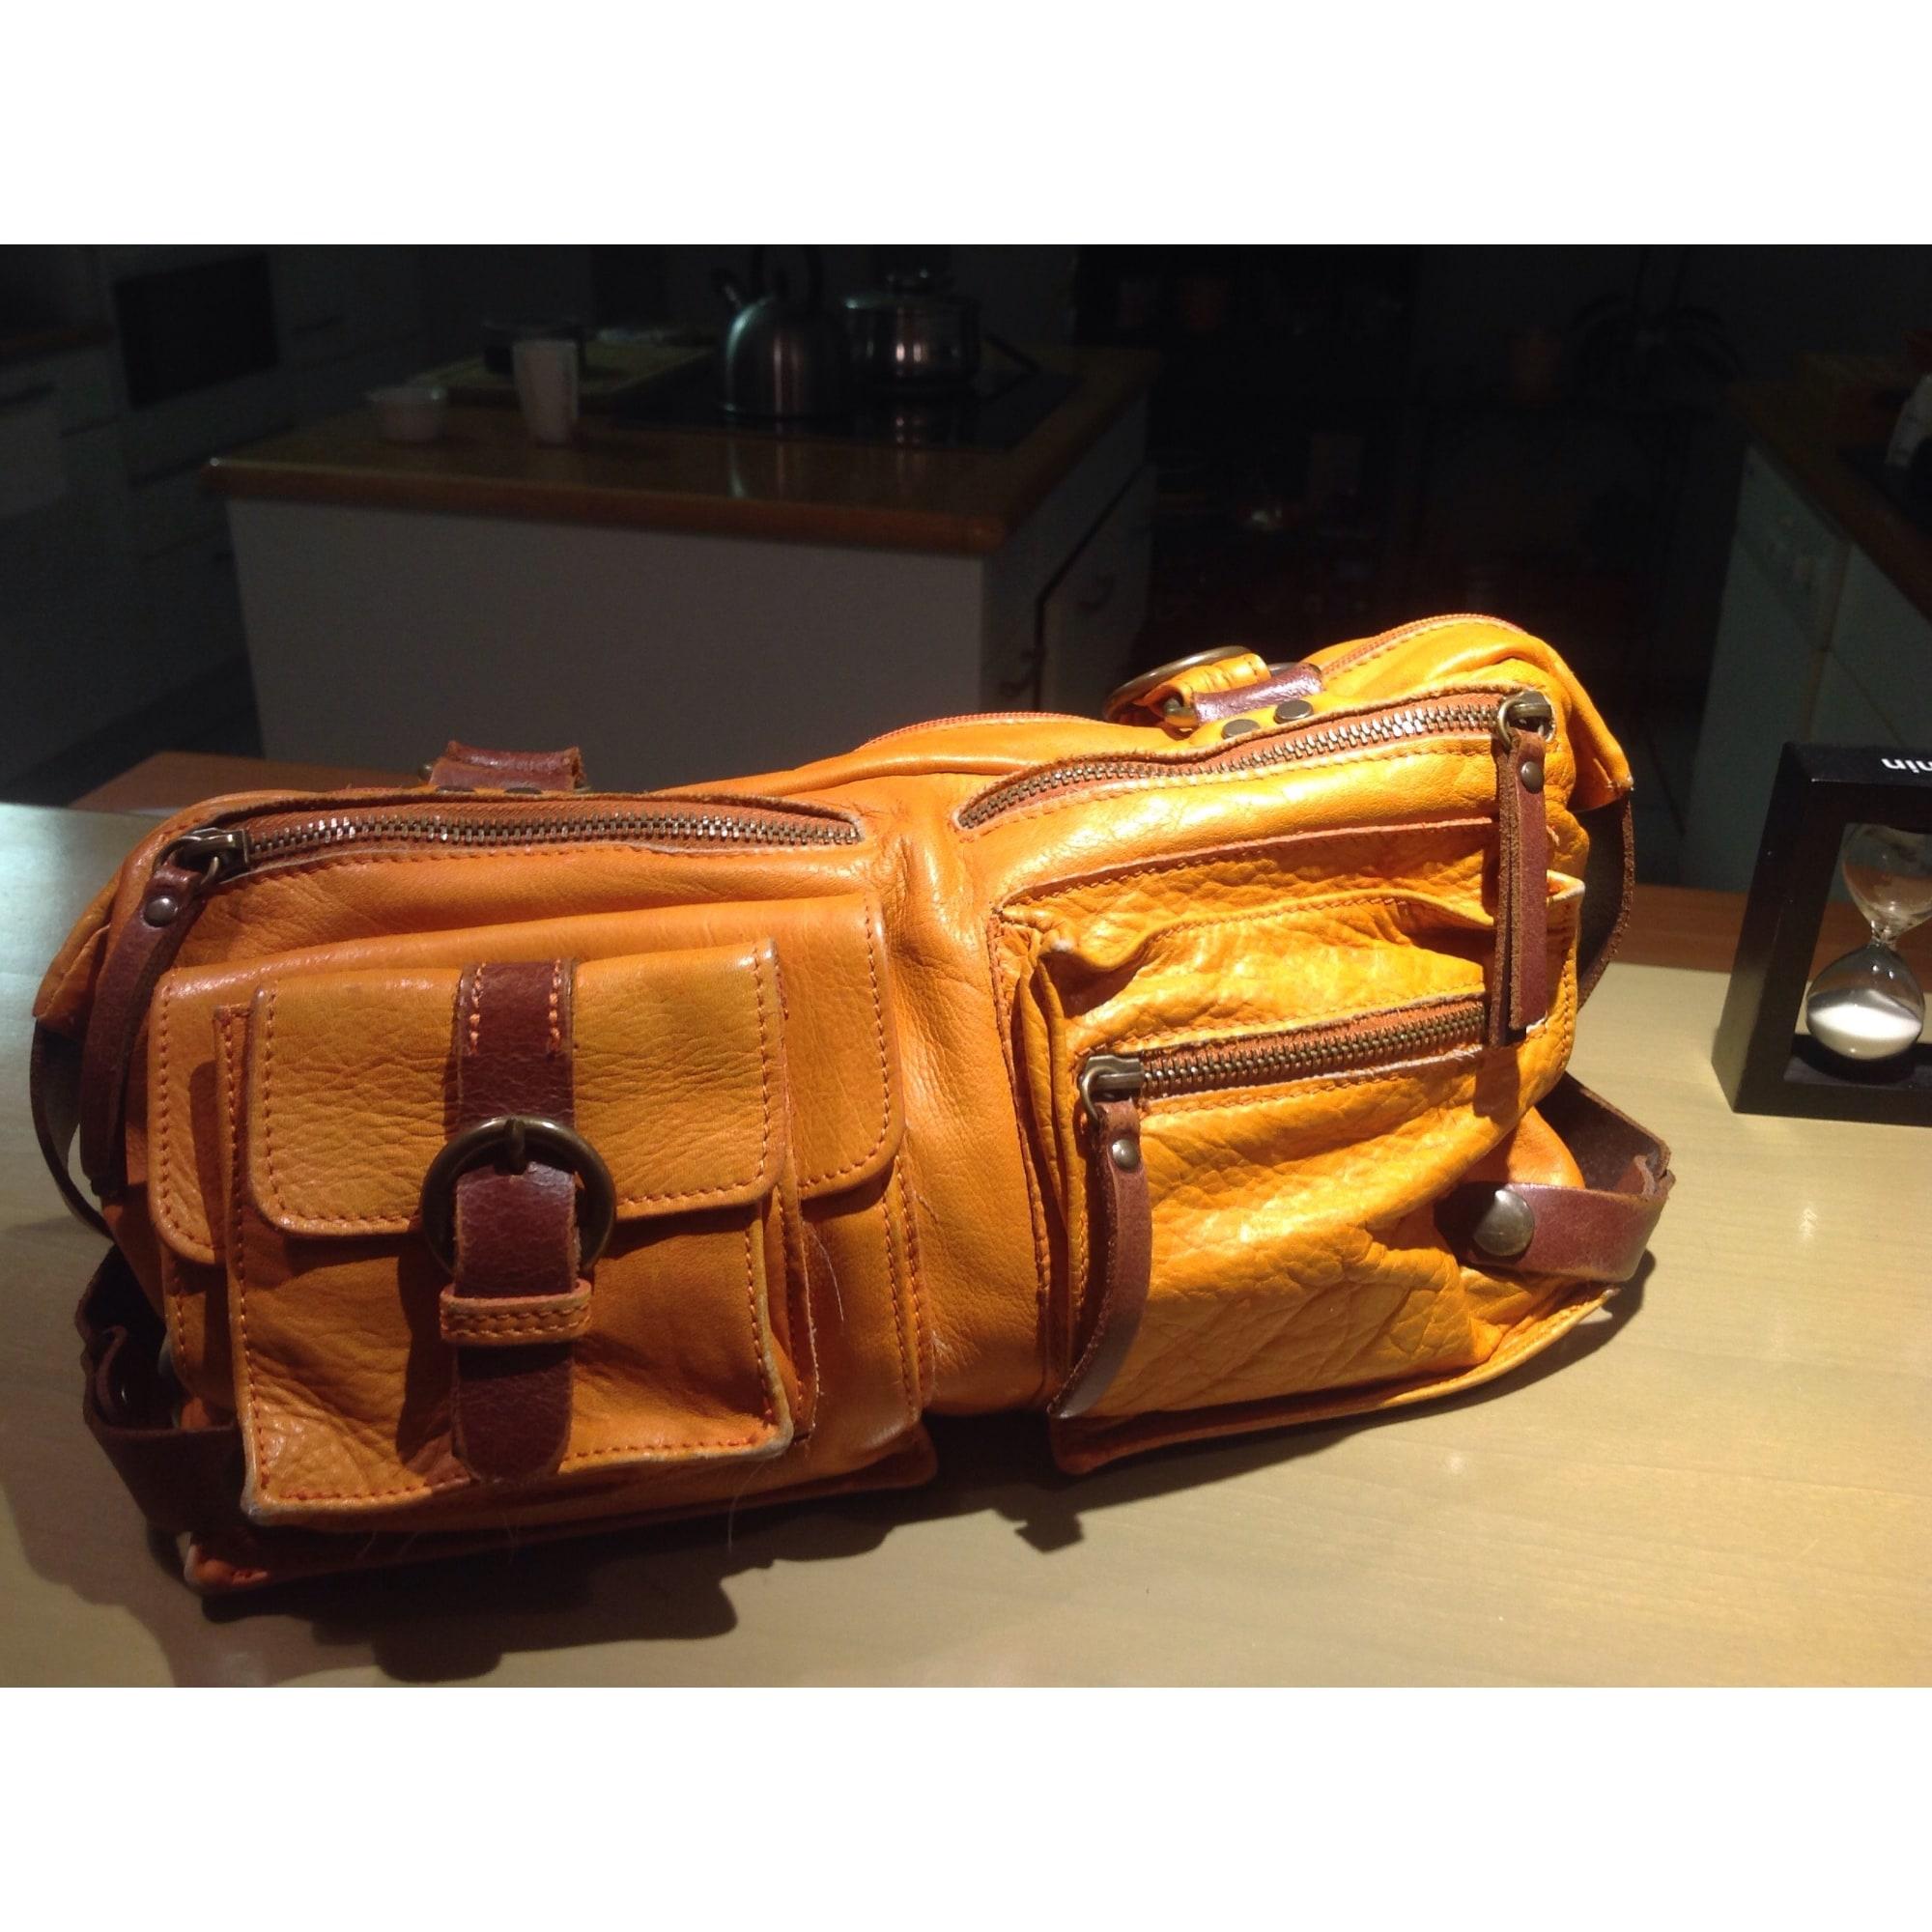 main Sac JEANNE cuir en 8282266 à CÉCILE amp; orange Uxw6qZHx